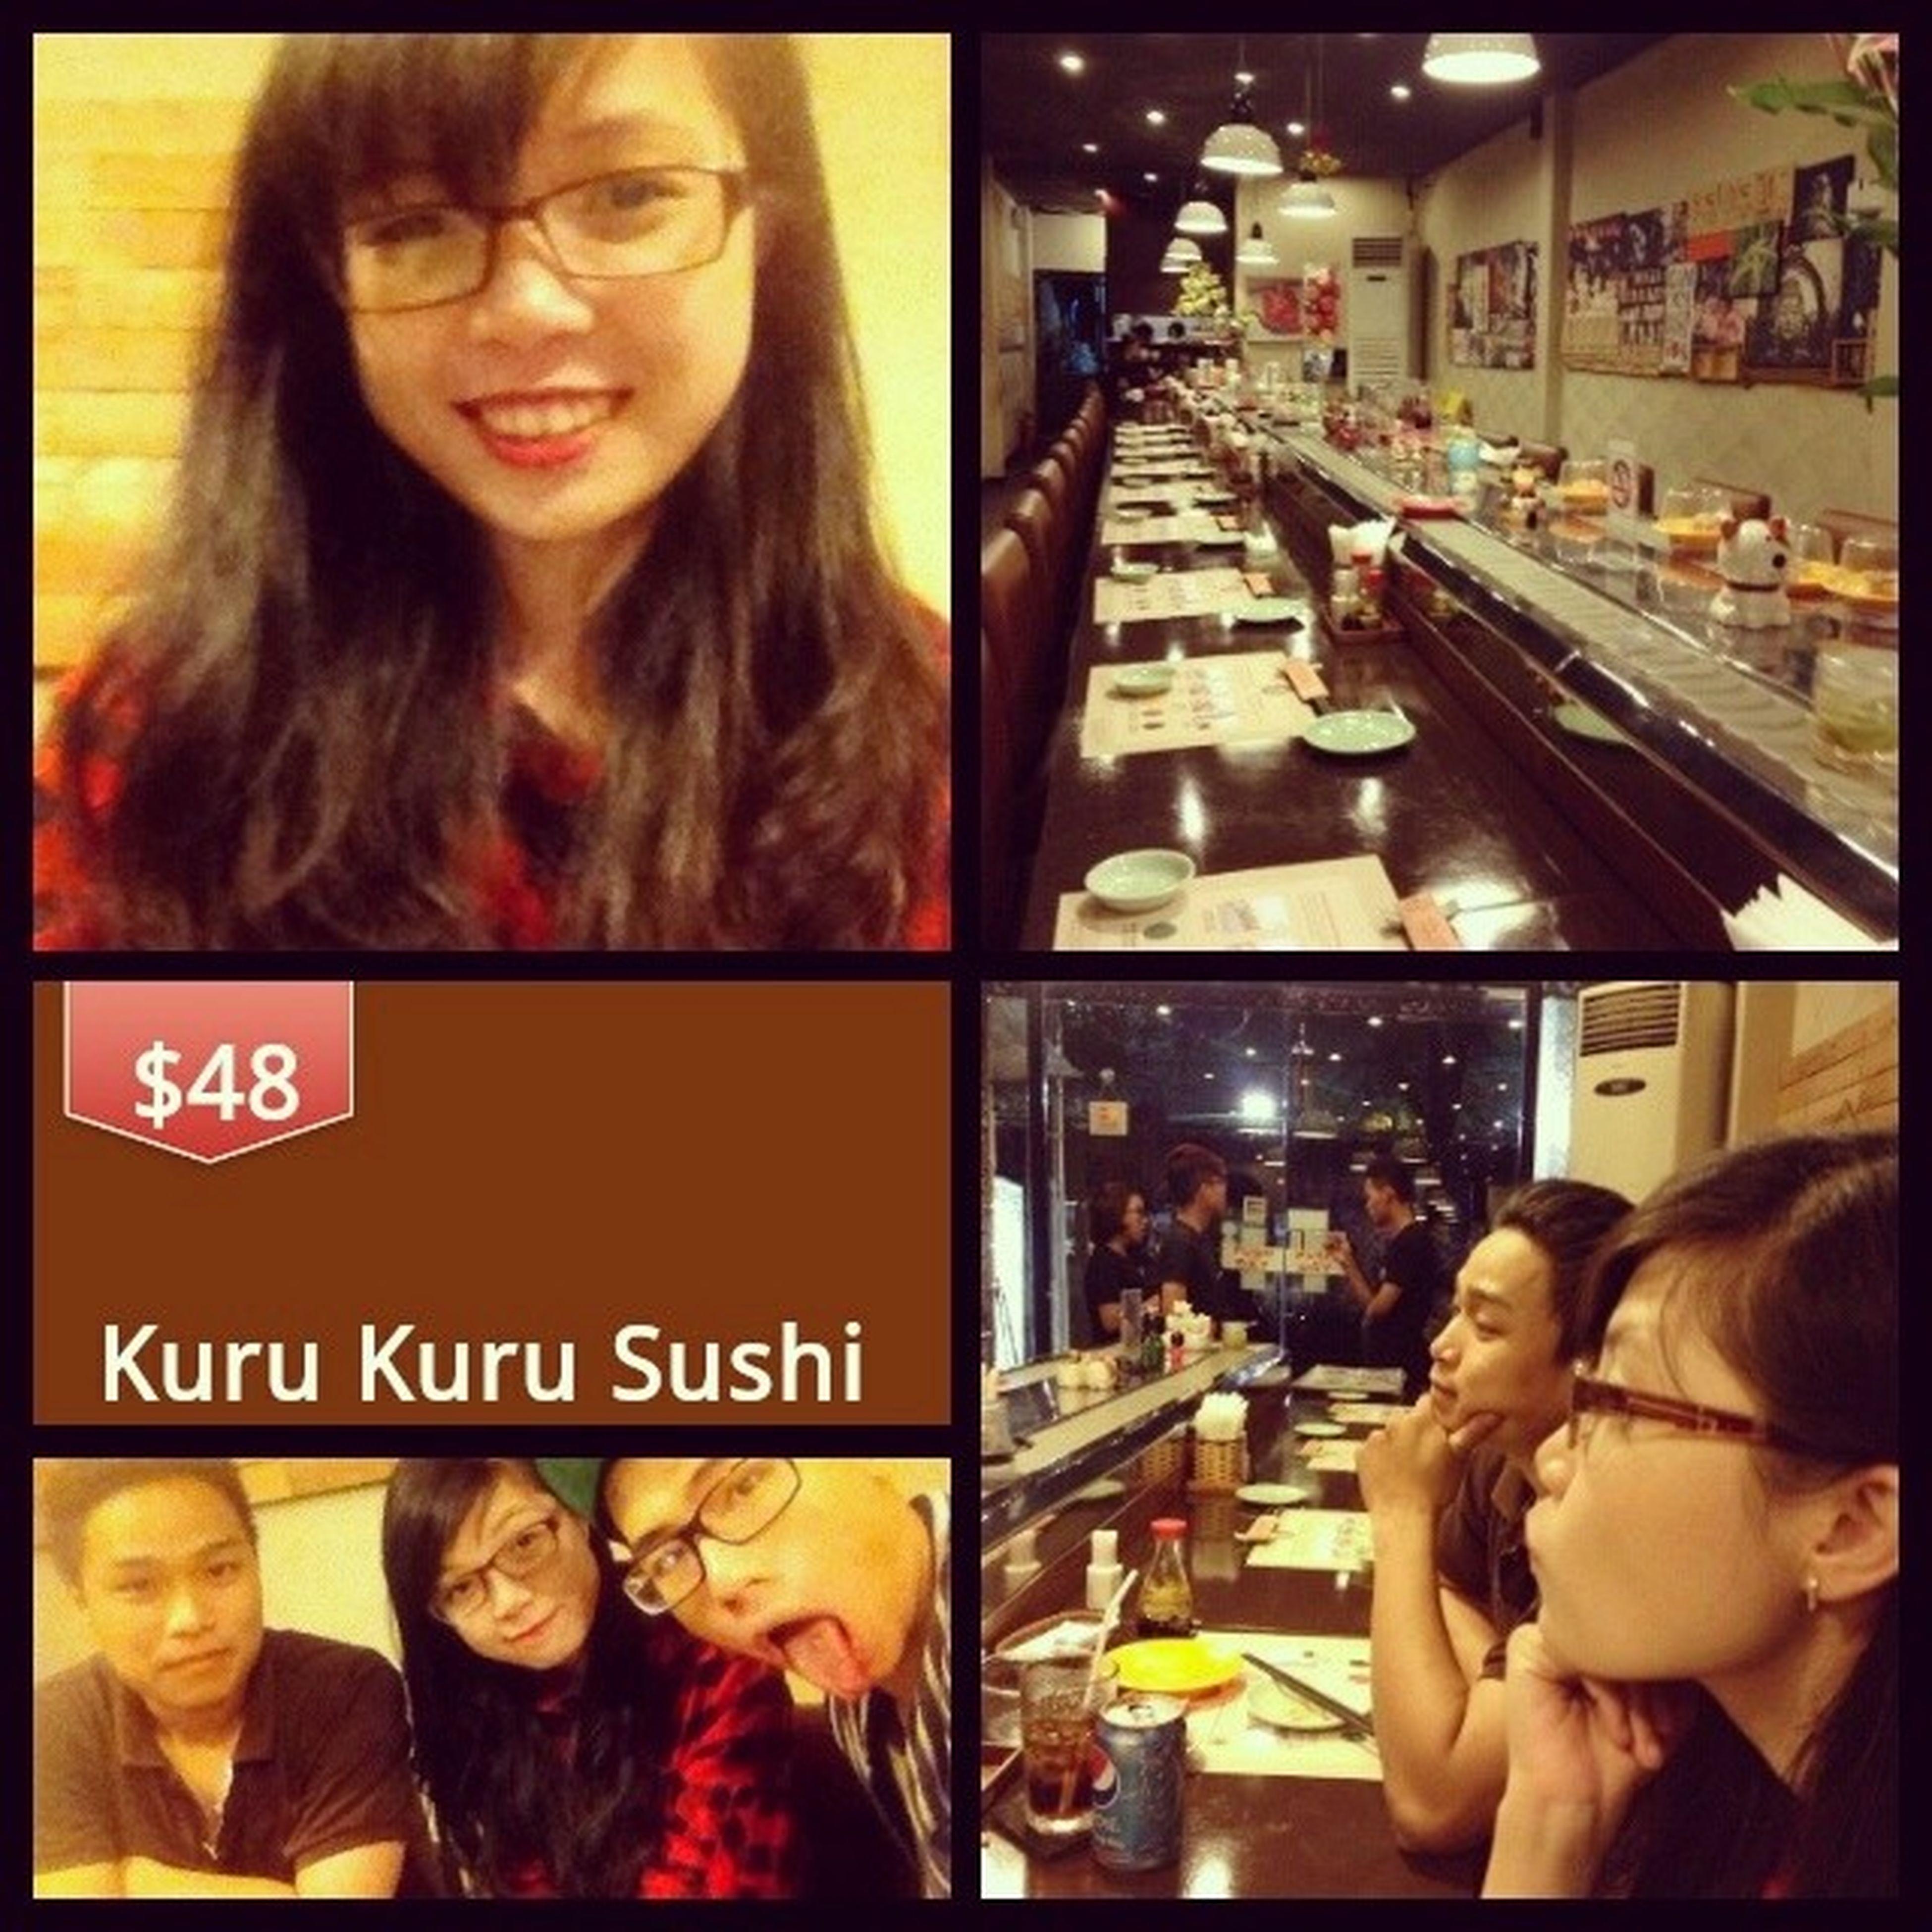 Sushi hok?? Sushi Kurukuru Food Saigon